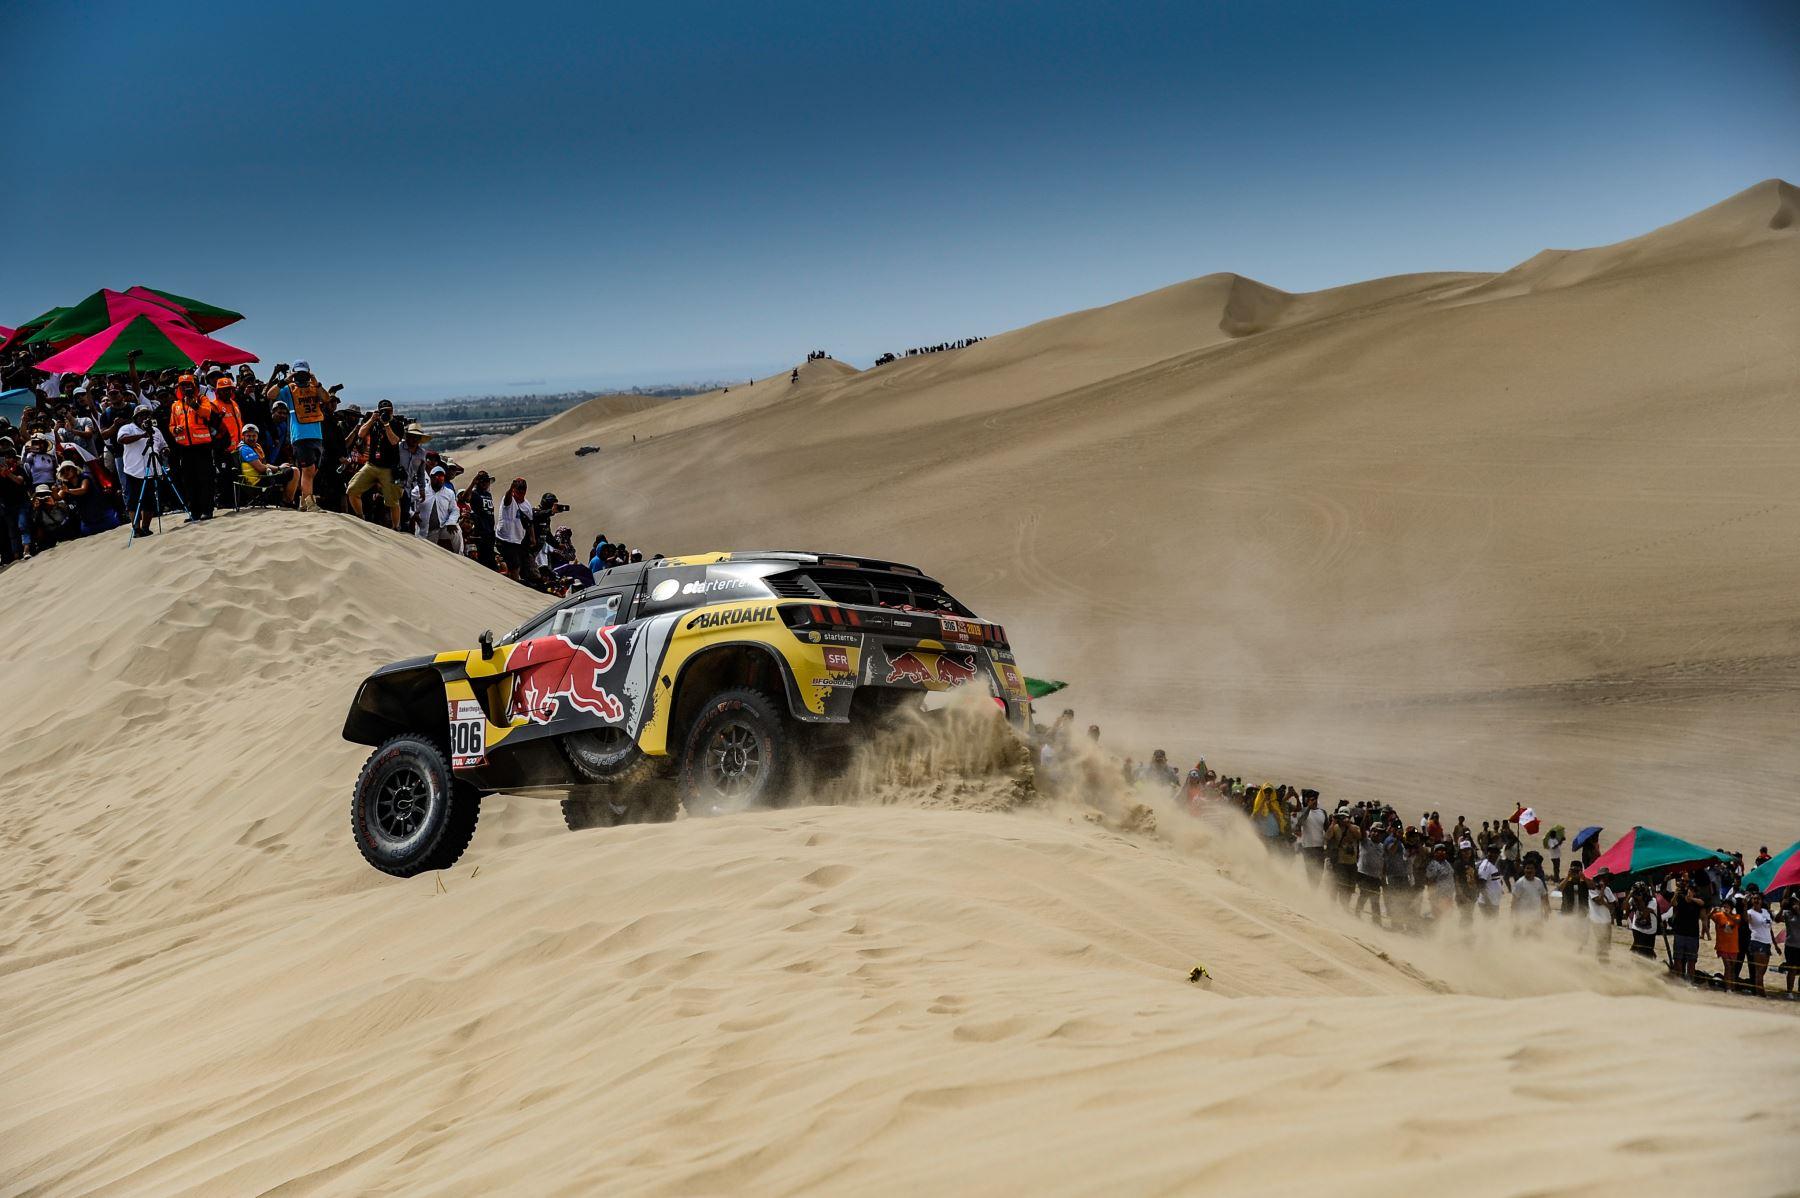 Habilitan zonas para espectadores del Rally Dakar 2019 en Arequipa, Moquegua y Tacna. ANDINA/Difusión